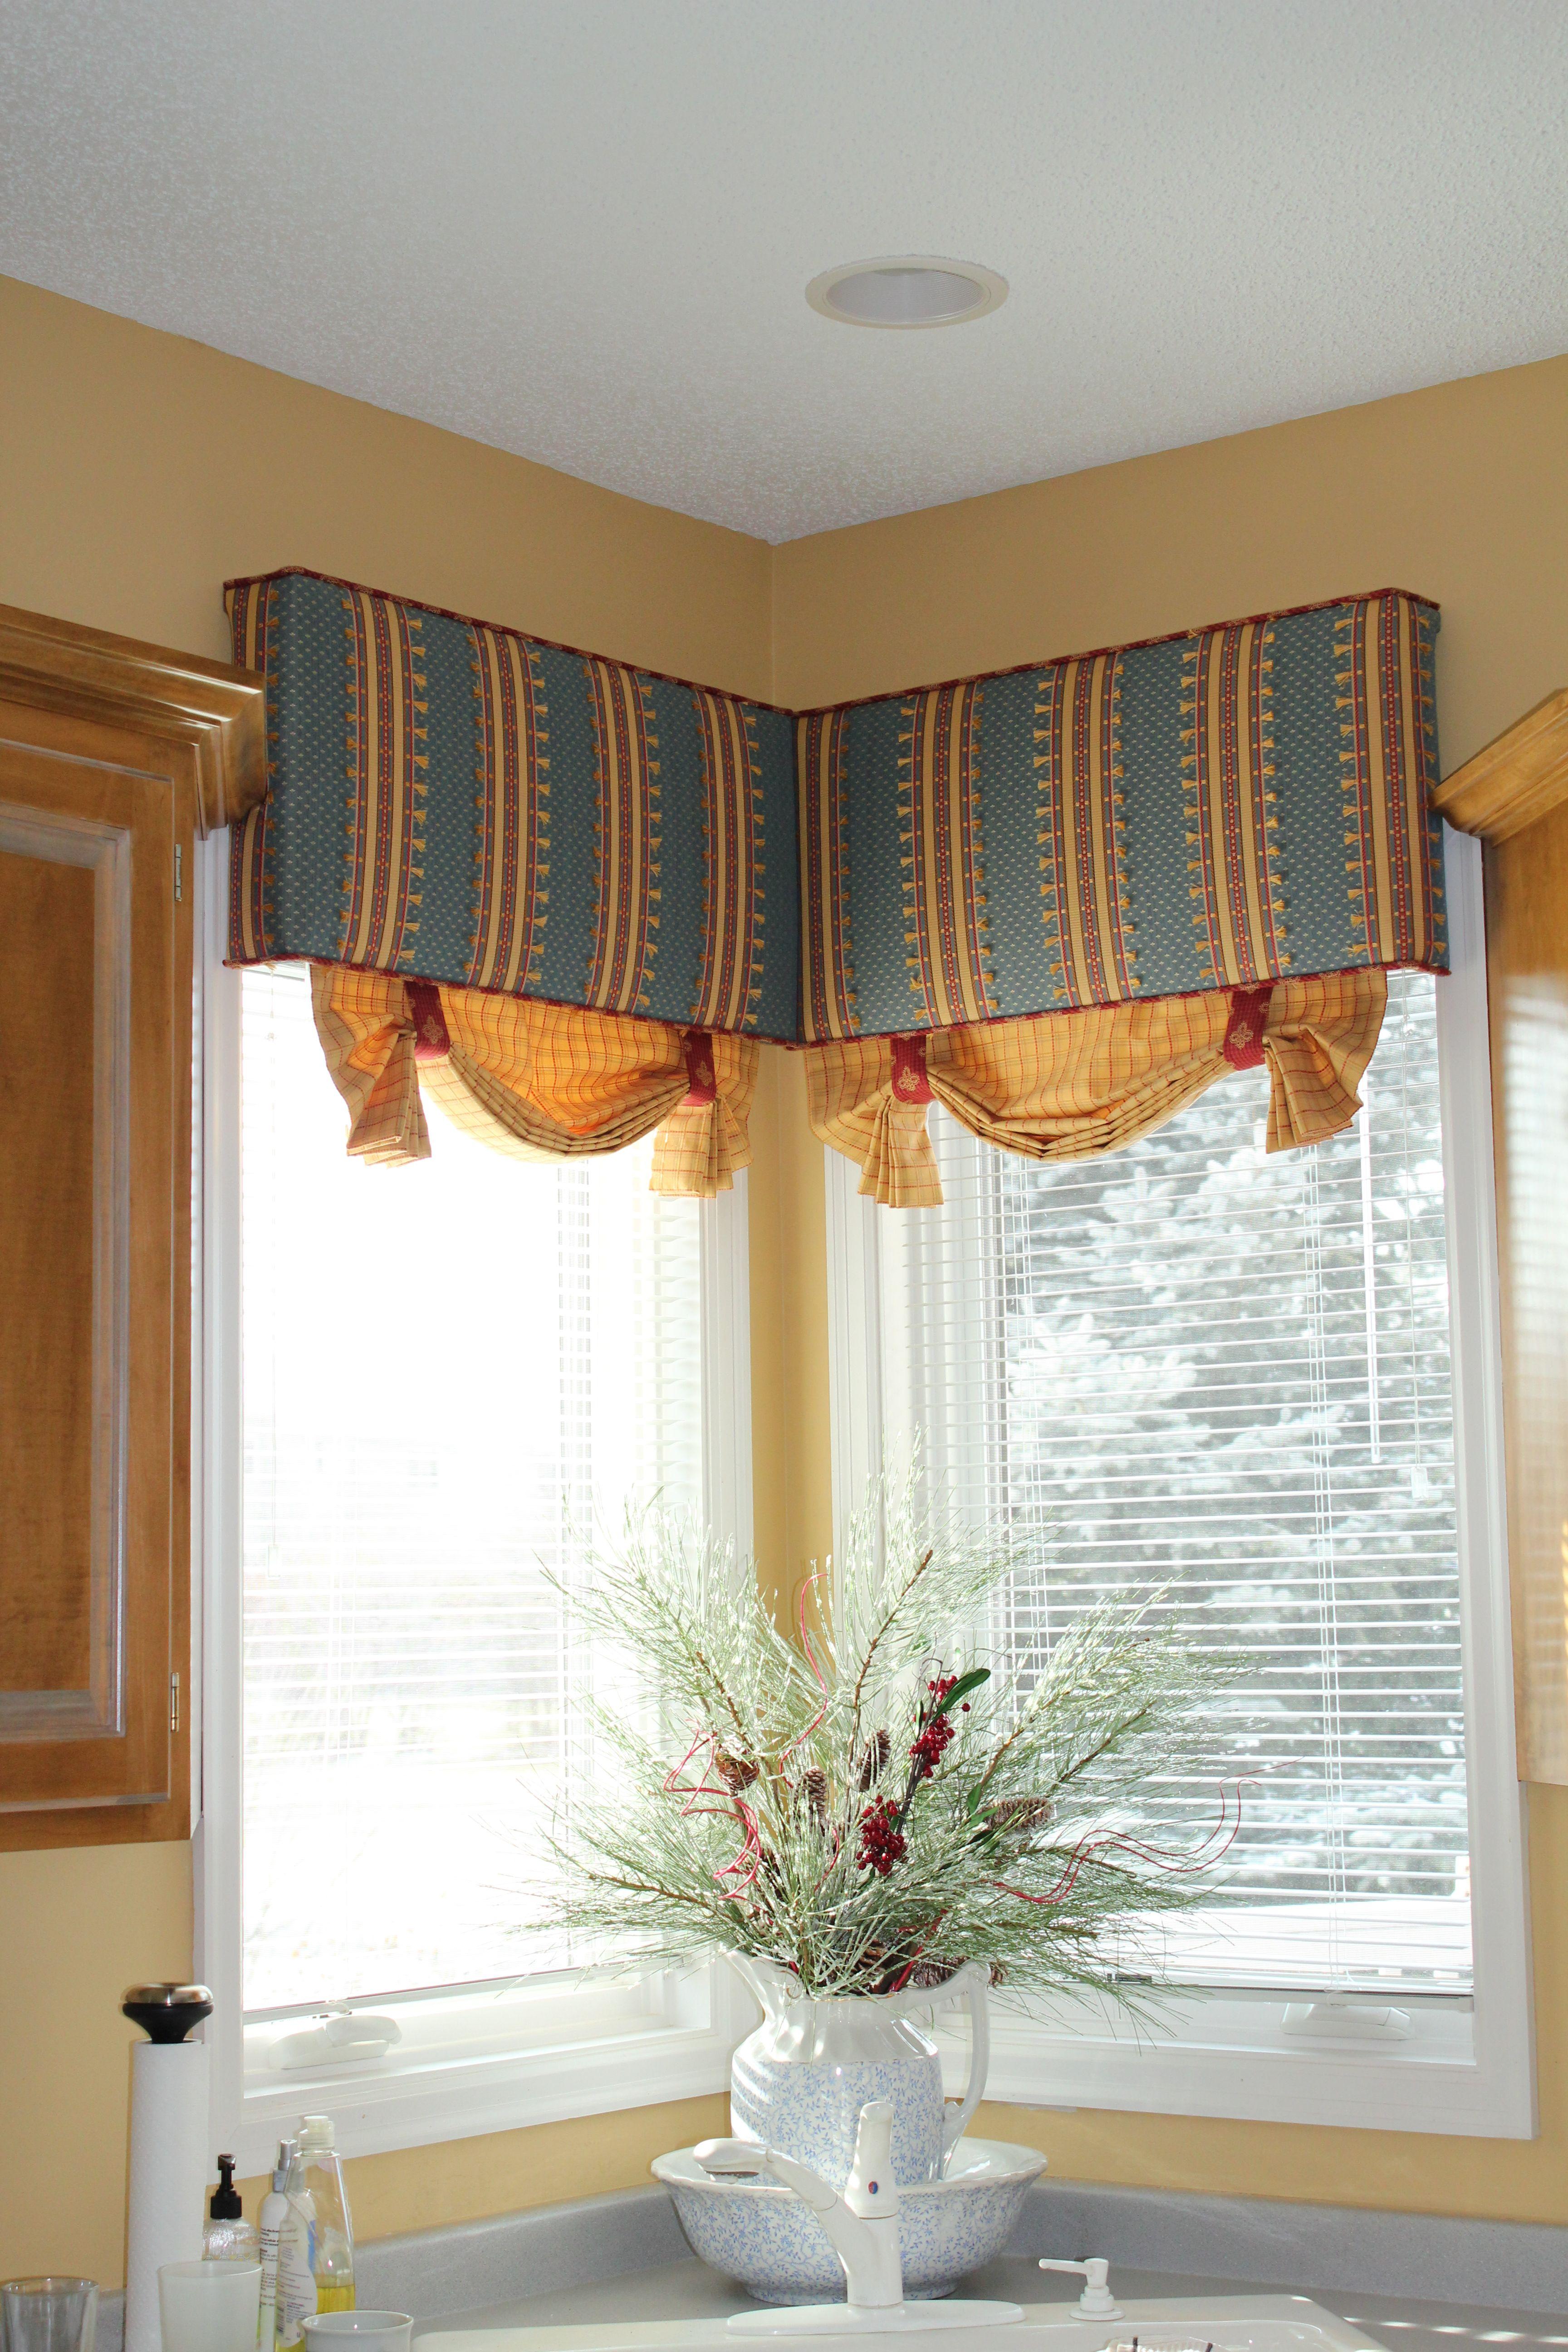 Corner window kitchen sink  corner kitchen sink cornice  kitchen corner dilemma  pinterest